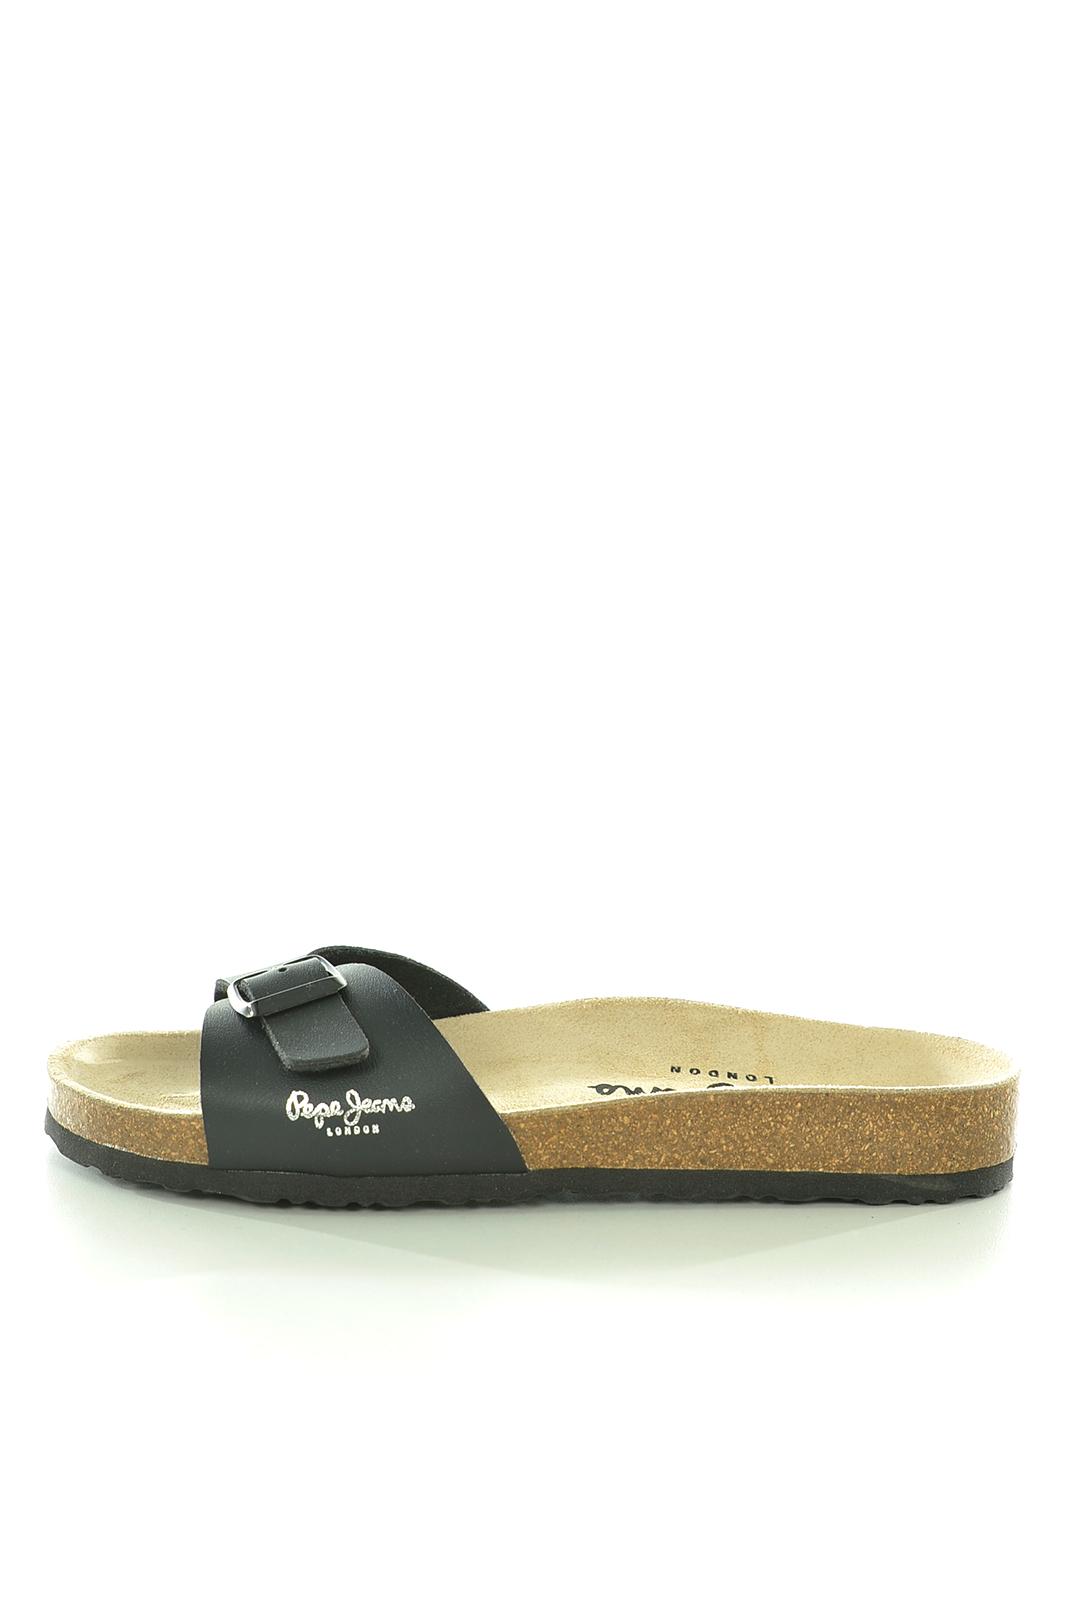 Tongs / Mules  Pepe jeans OBAN PLS90035 999 BLACK